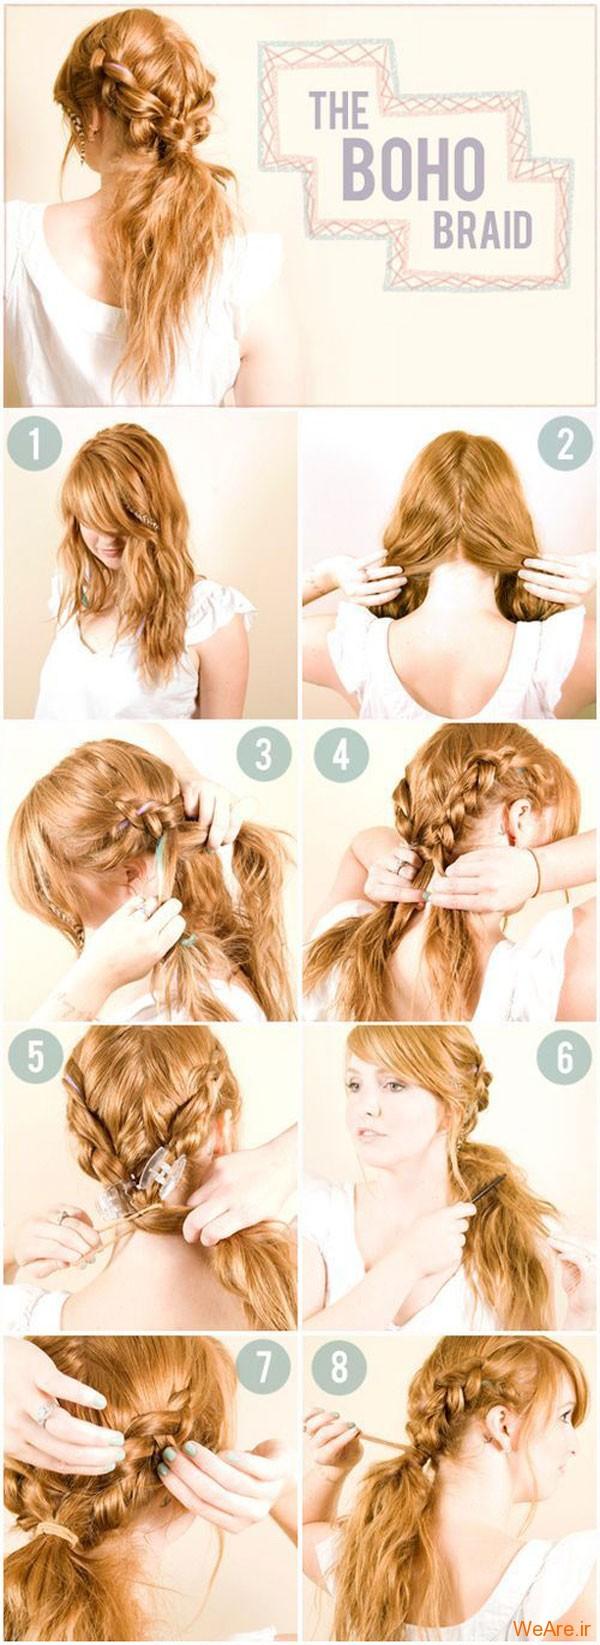 روش های بستن مو (14)